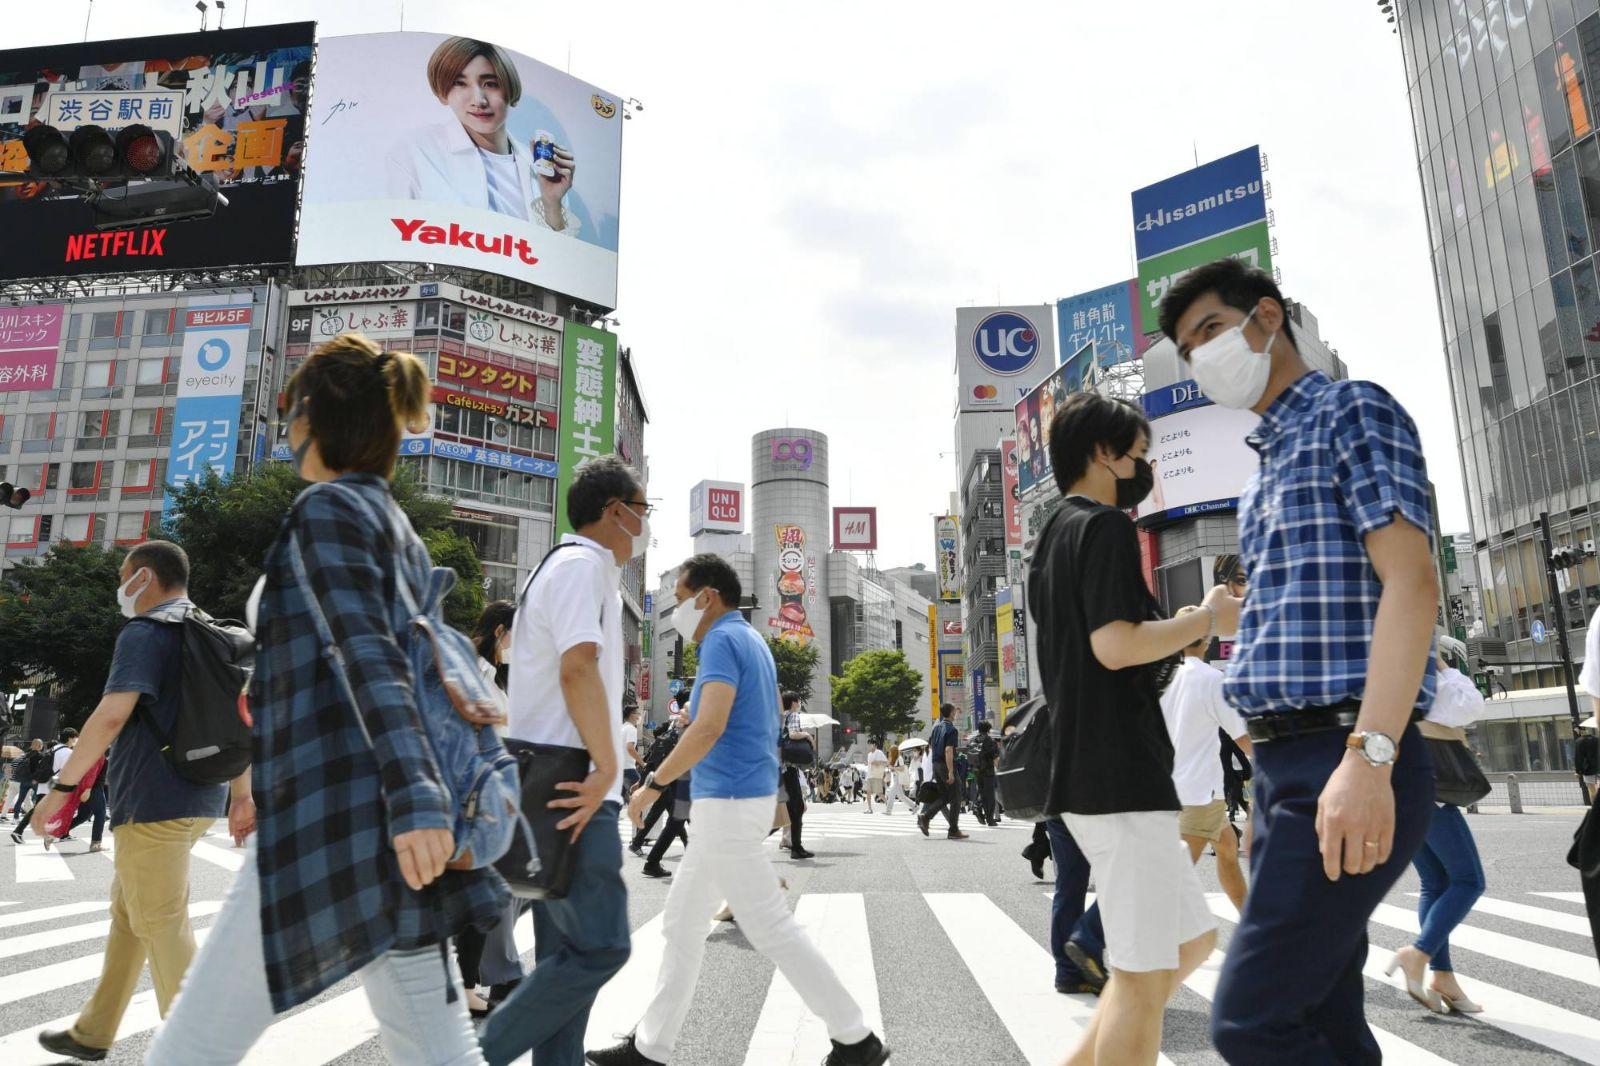 اليابان تخطط لإعطاء جرعات معززة من لقاحات كورونا